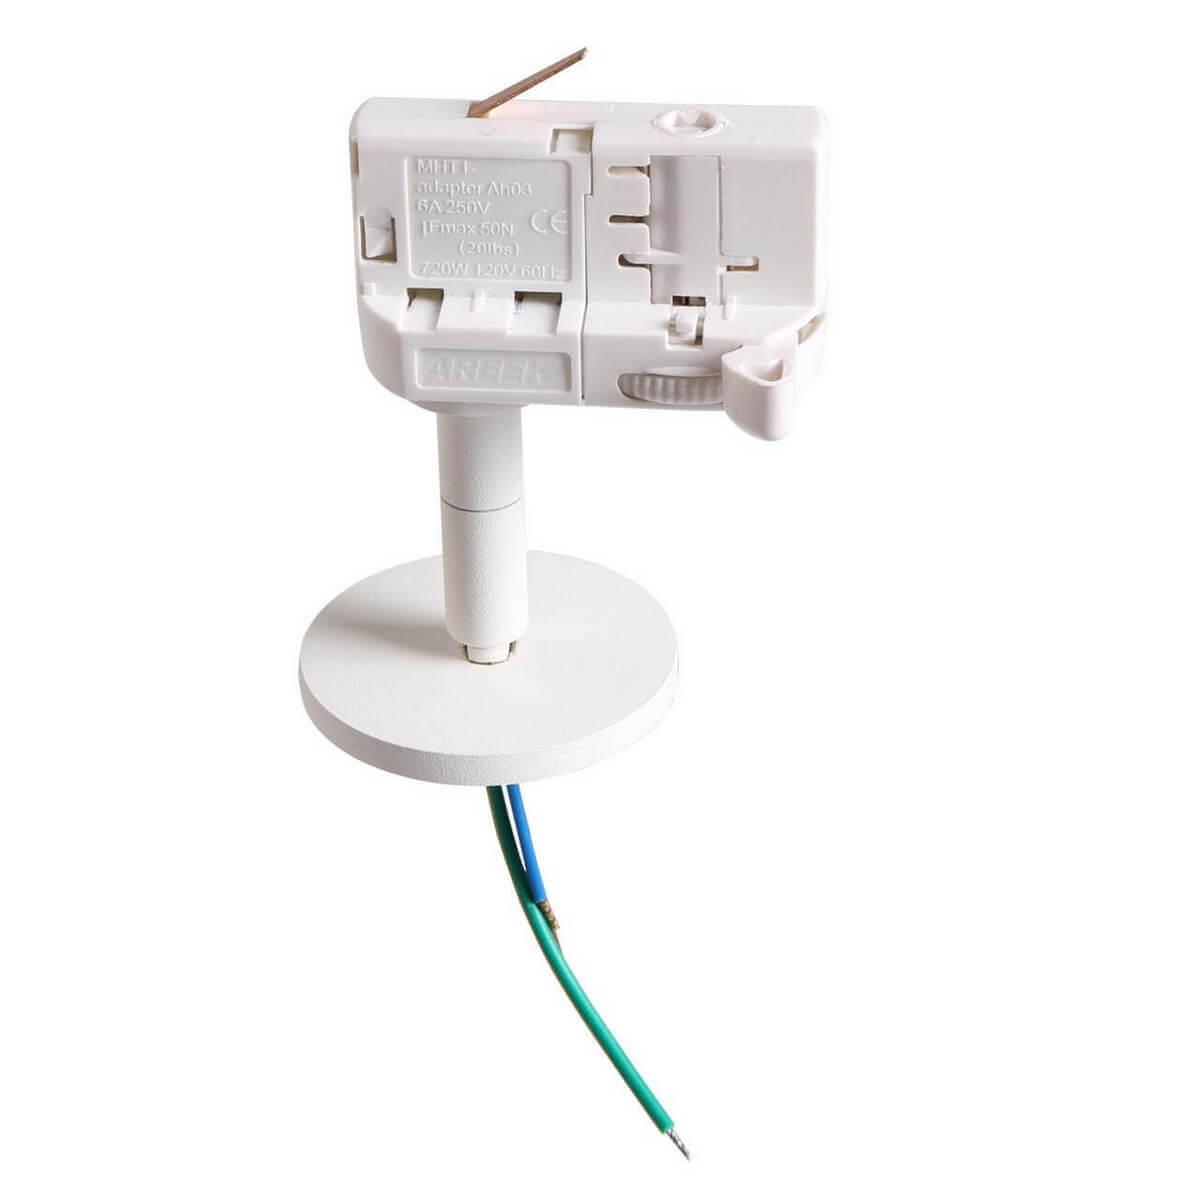 Адаптер для шинопровода Lightstar 594056 Asta (для трехфазного шинопровода)